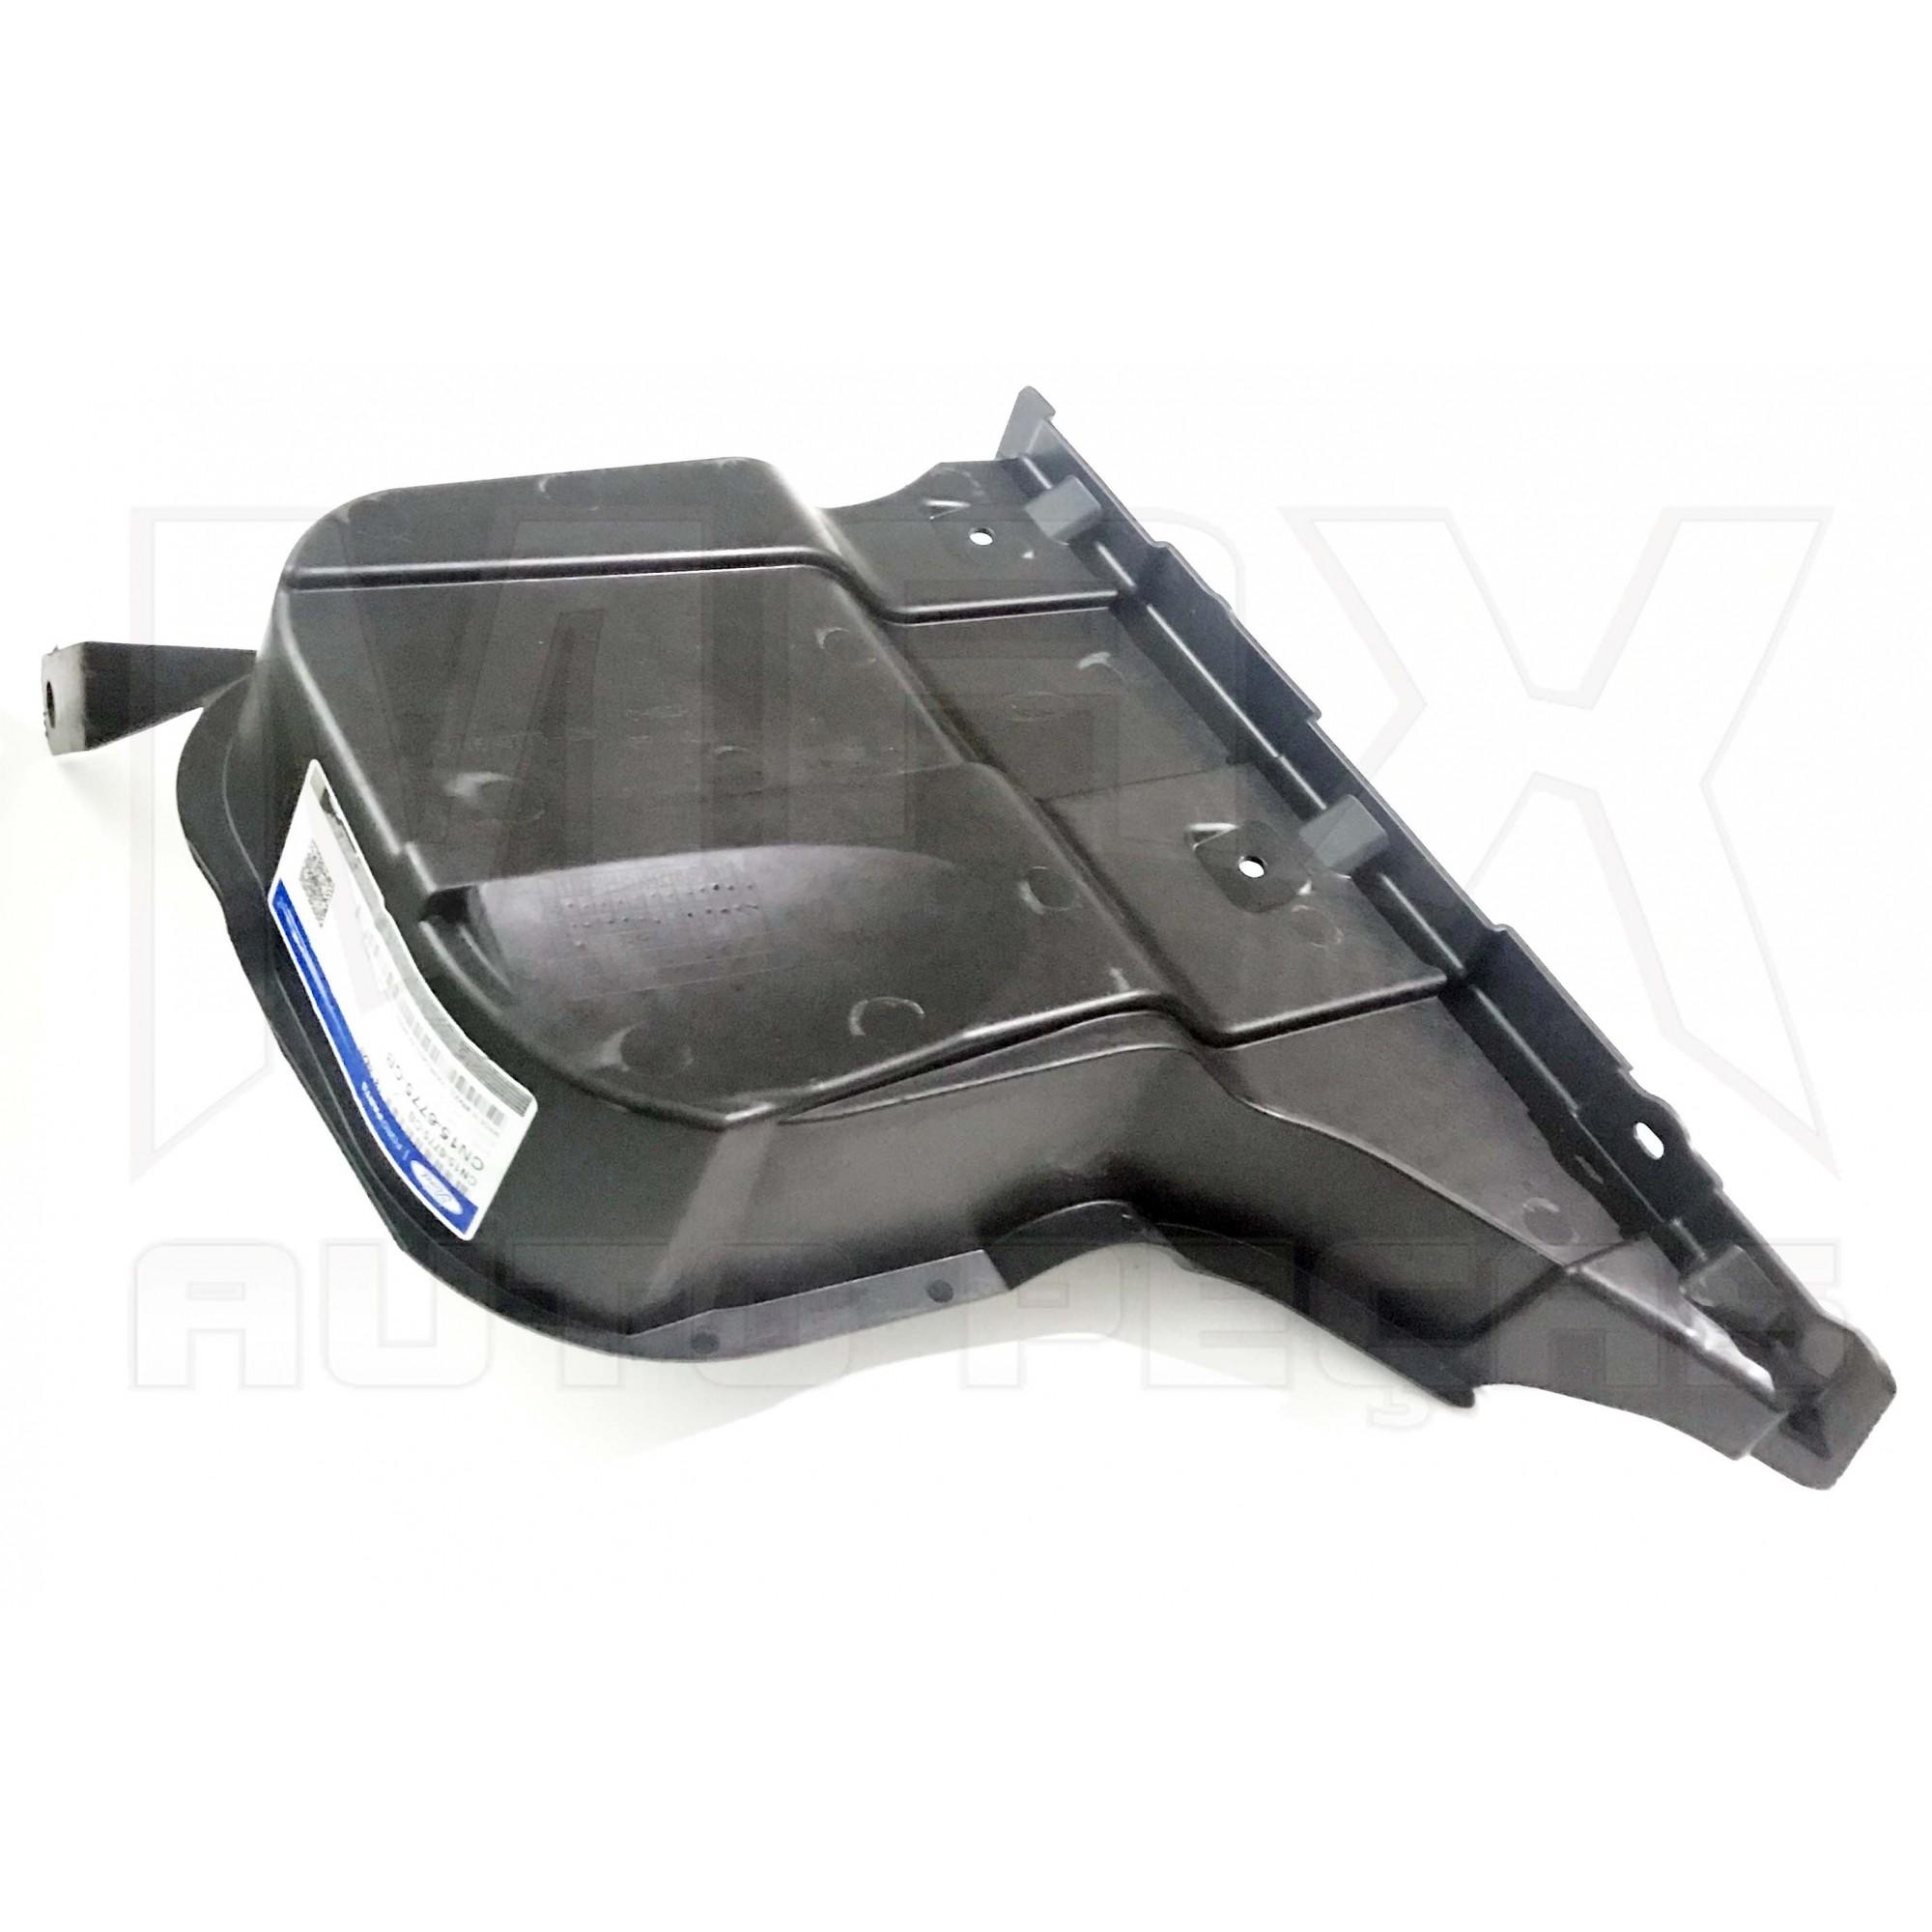 Cobertura Protetora do motor Ecosport 2.0 2012 2013 à 2017 Original Ford